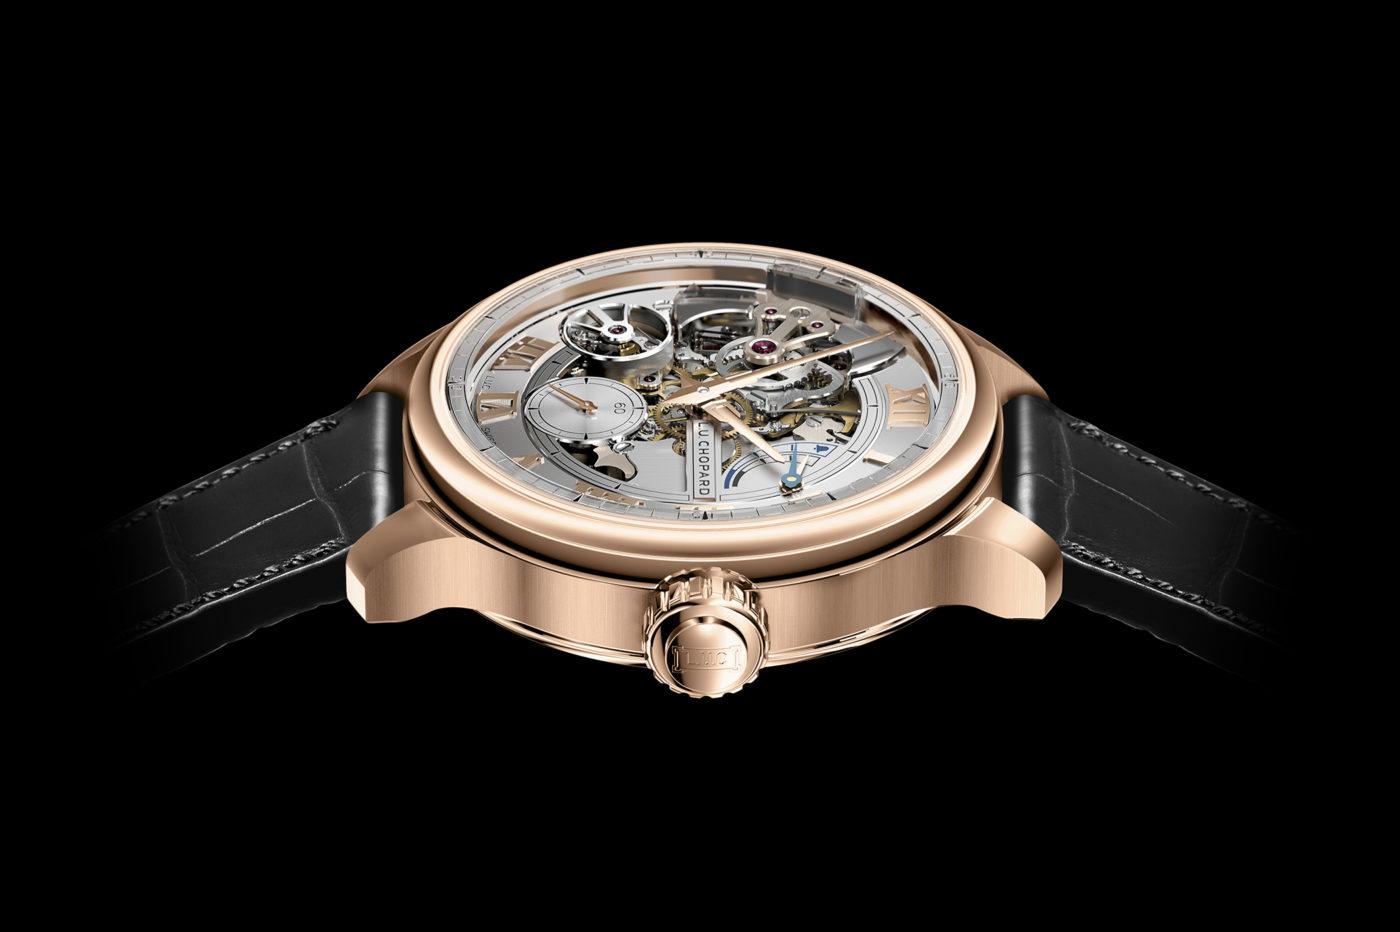 Grand Prix d'Horlogerie de Geneve 2017 – laureaci